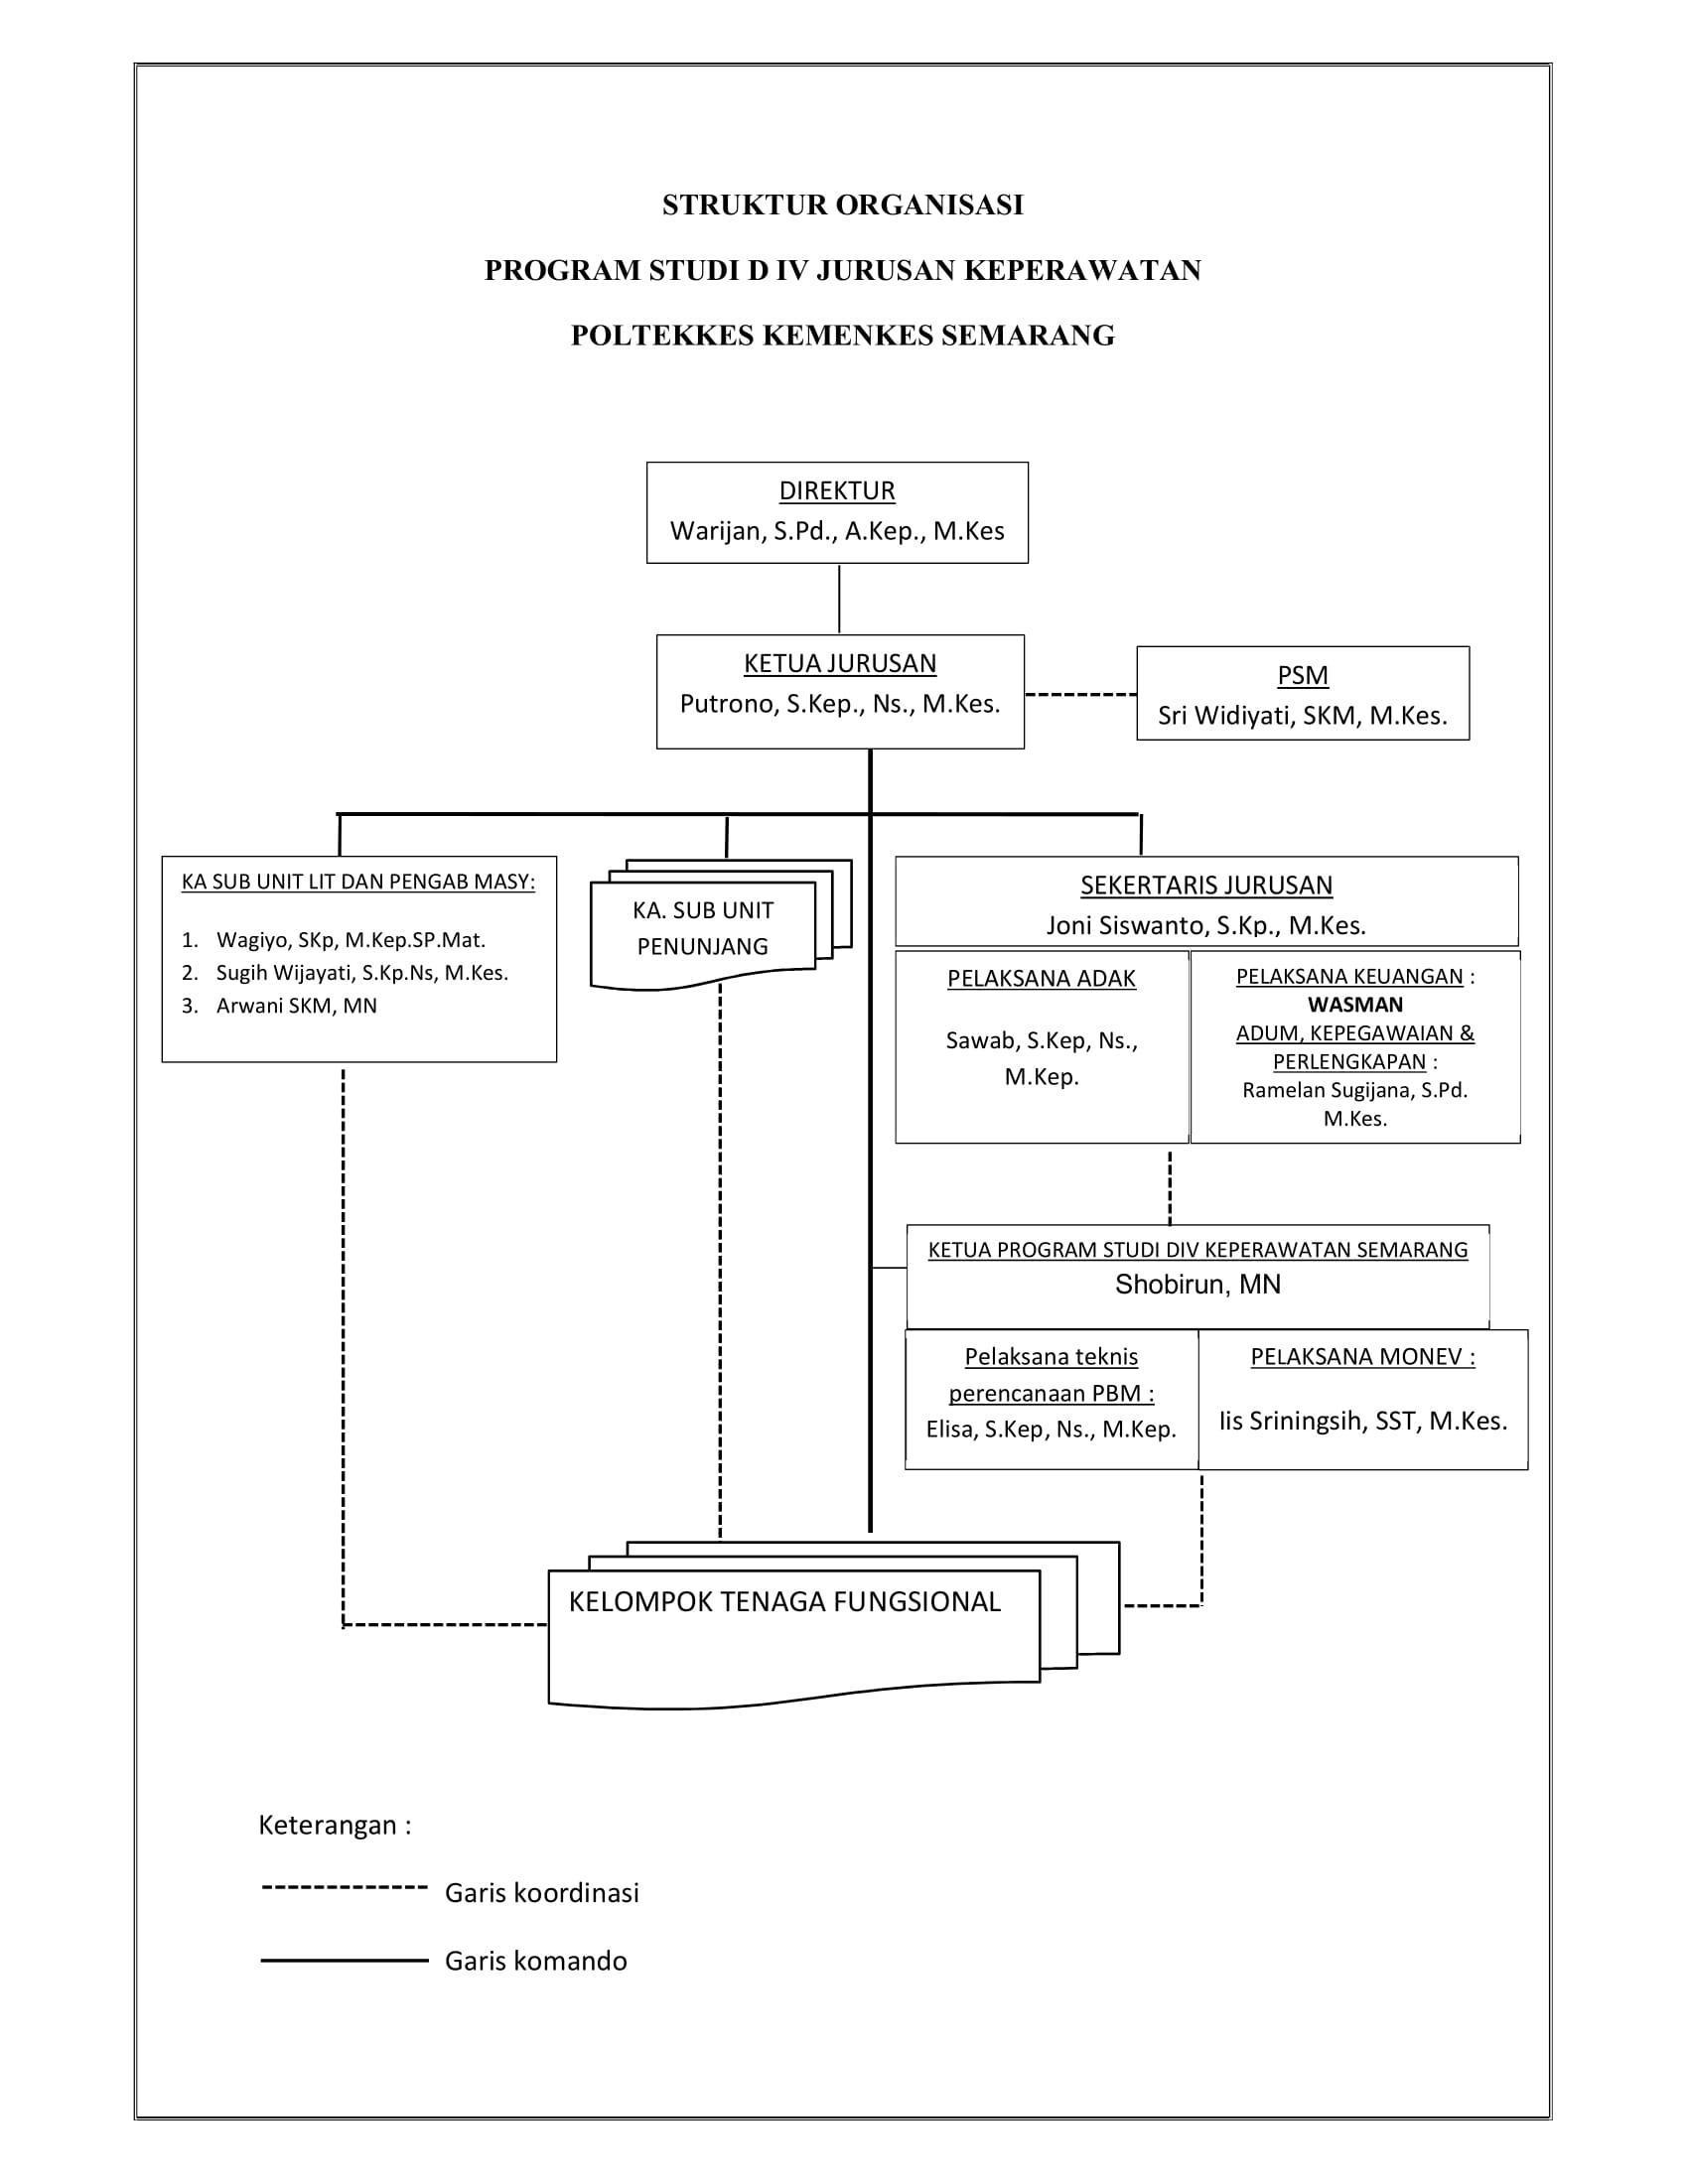 STRUKTUR ORGANISASI JURUSAN DIV KEPERAWATAN SEMARANG-1